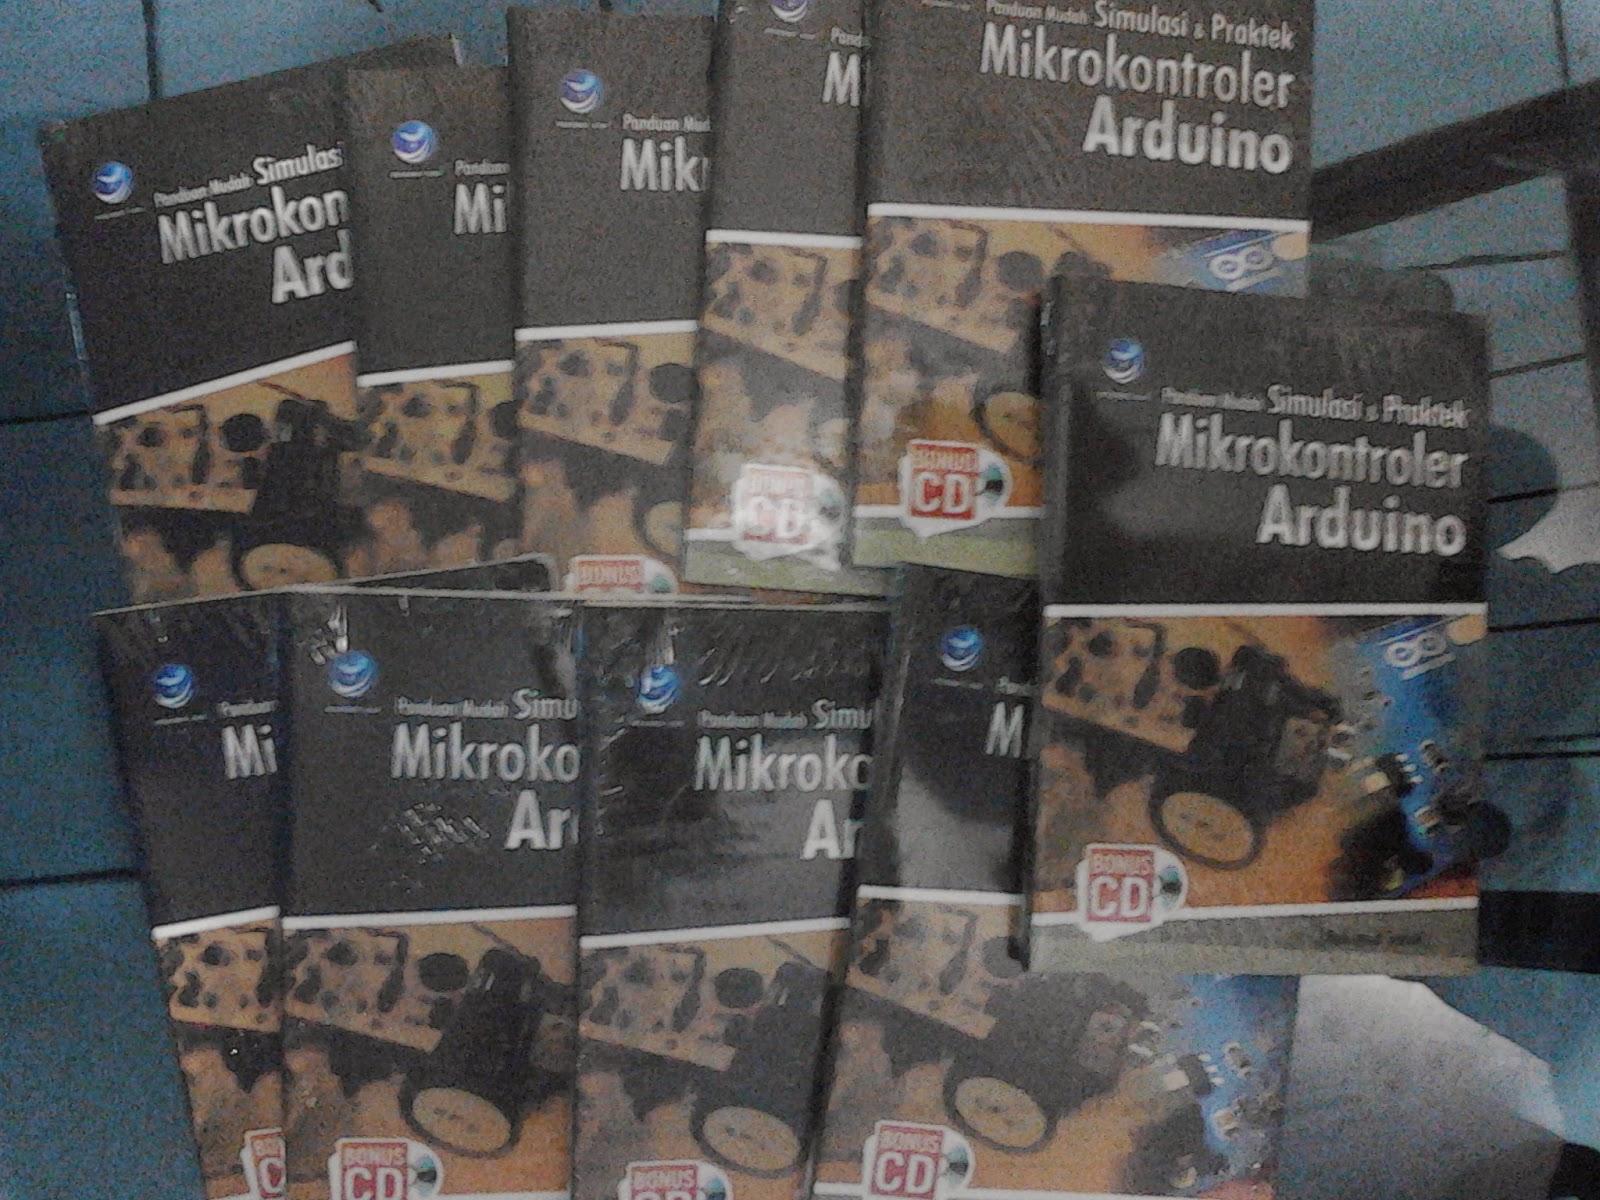 Buku Simulasi dan Praktek Mikrokontroller Arduino